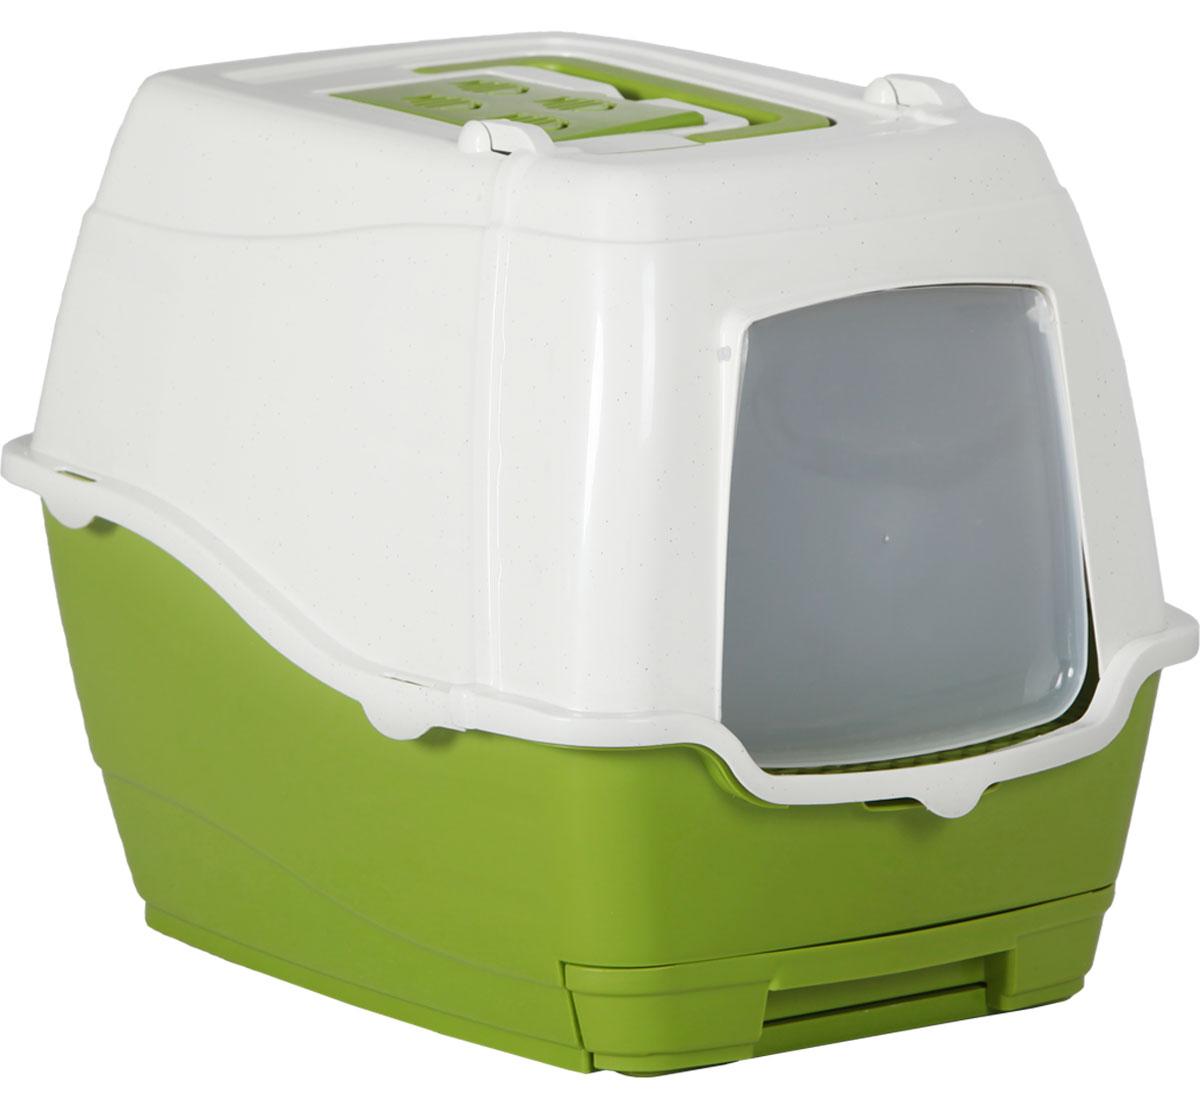 Туалет-лоток для кошек, цвет: оливковый, молочный, 47 x 39,5 x 41 см. CAT-L25 Olive GreenCAT-L25 Olive GreenТуалет-лоток для кошек удерживает неприятные запахи, предотвращает рассыпание наполнителя. Изготовлен из высококачественного пластика, легко моется и не впитывает запахи. Специально разработанная верхняя крышка, облегчает уборку туалета.Благодаря открывающейся фронтальной дверце ваш питомец быстро и удобно попадет в такой туалет-домик. С помощью встроенного нижнего отсека, который выдвигается, можно заменить использованный наполнитель.Укомплектовано такое изделие фильтром, а также совком, который закреплен на крыше туалета.Преимущества закрытого туалета очевидны: меньше распространяются неприятные запахи, наполнитель не рассыпается вокруг туалета (особенно актуально для кошек, которые любят покопаться в наполнителе);идеально подходит для кошек, которые любят долго и упорно зарывать, используя при этом не только наполнитель, но и все, что попадет под лапу.Туалет-лоток удобно переносить с помощью верхней пластиковой ручки.